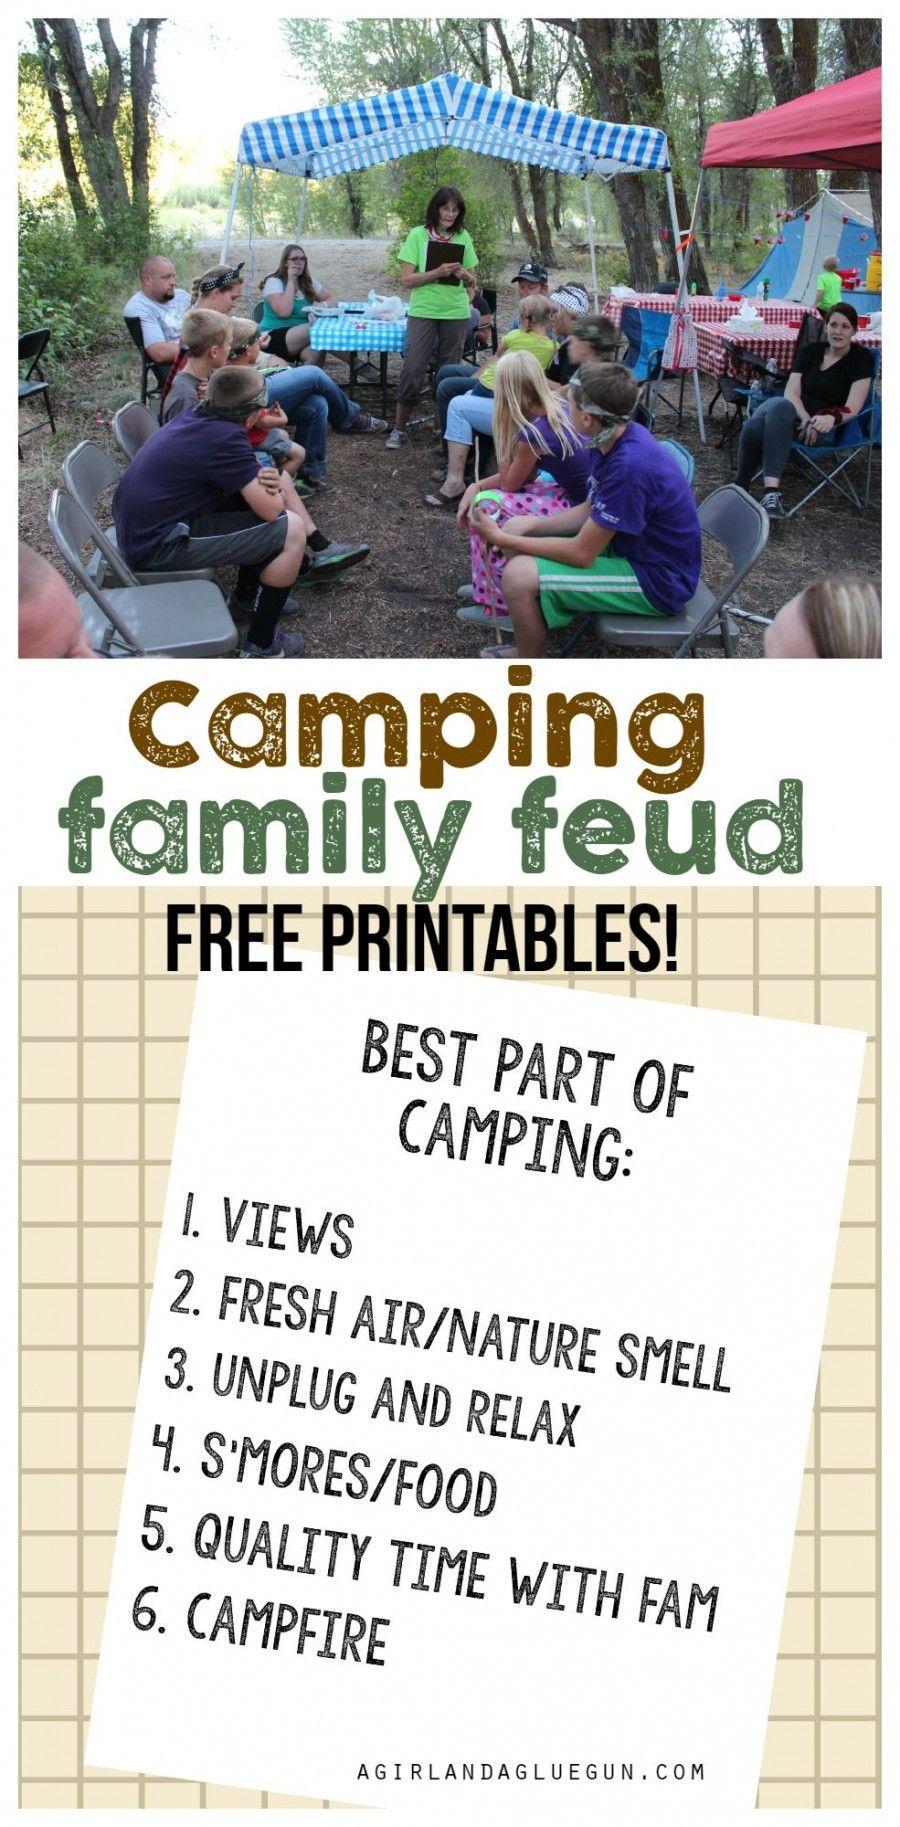 Camping Games | Camping Crap | Camping Games, Family Camping Games - Free Printable Camping Games